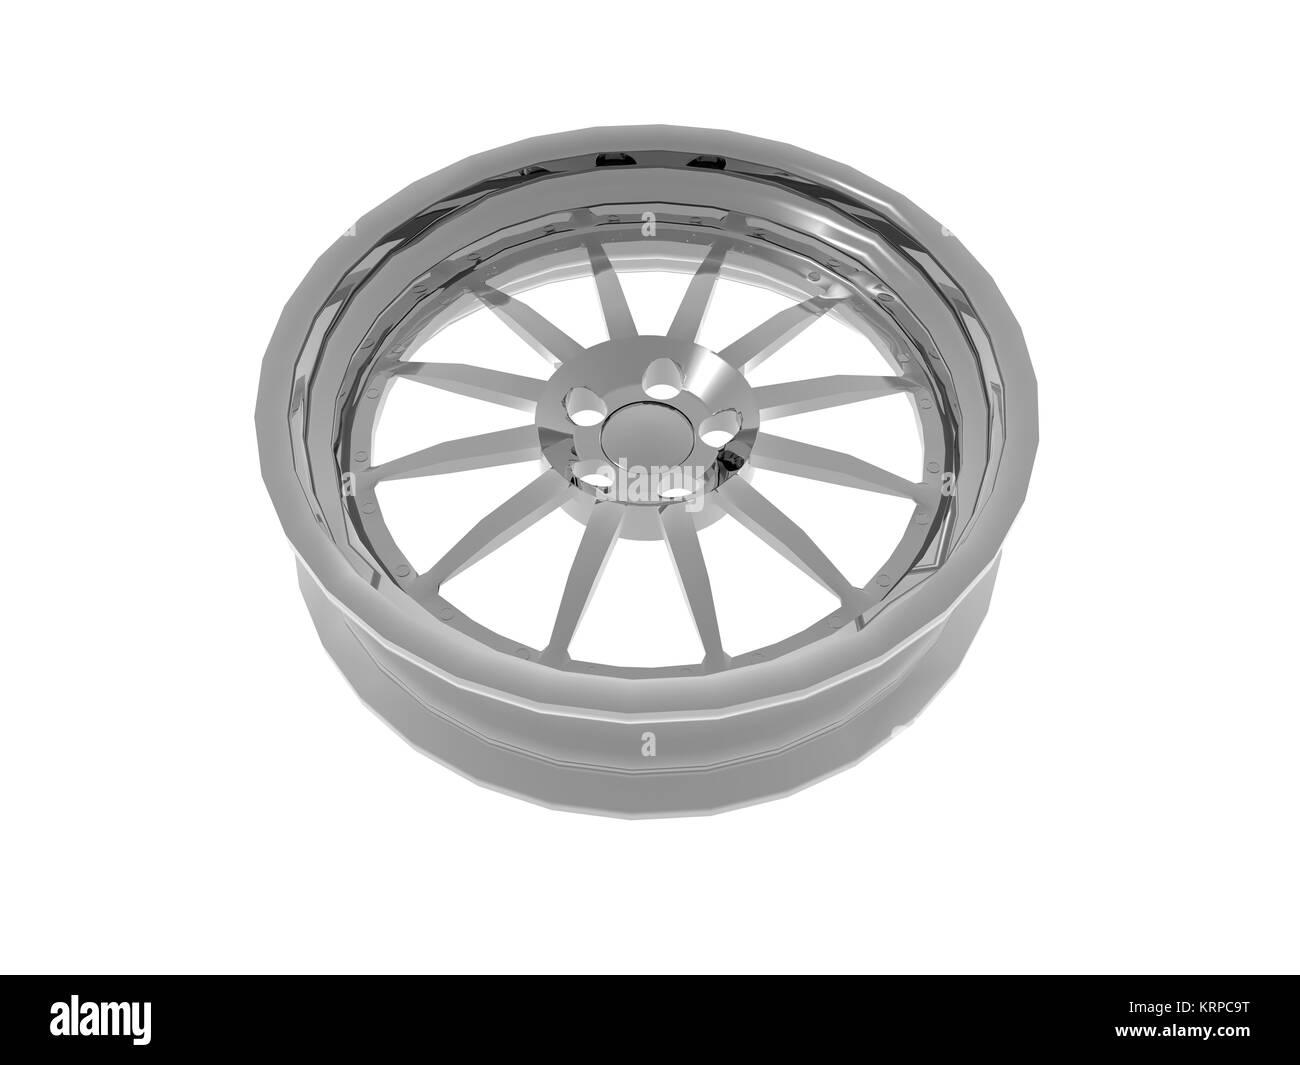 aluminum rims free - Stock Image